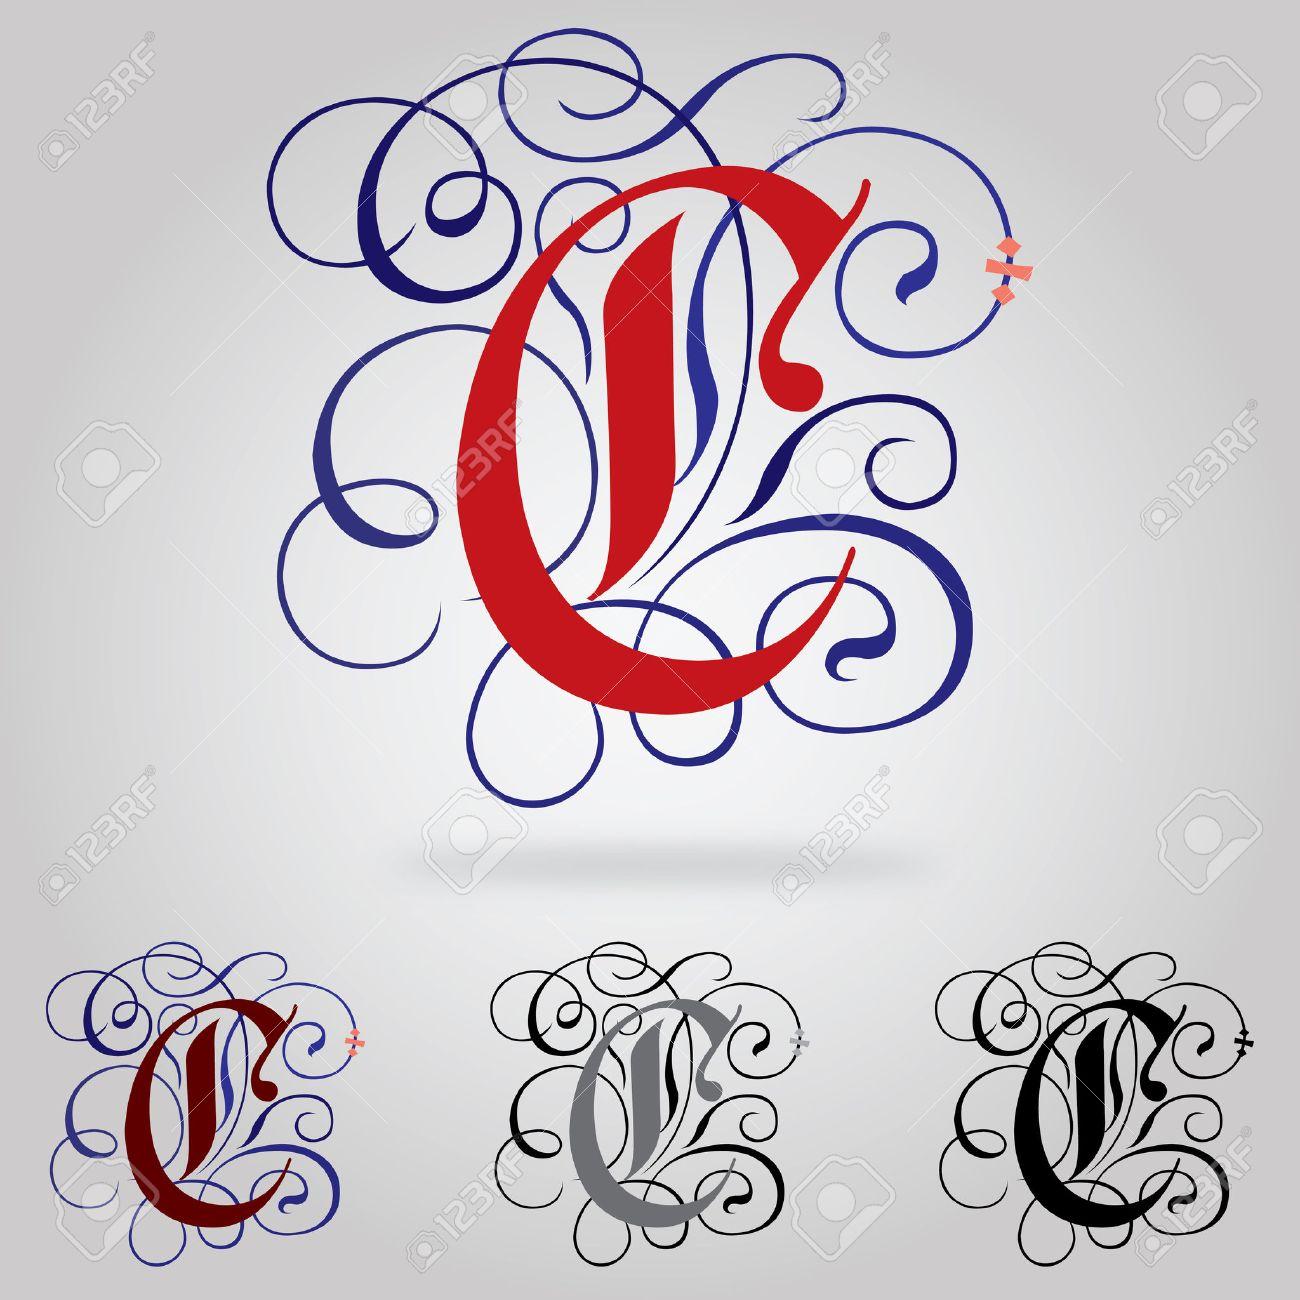 Tatouage Lettre C Calligraphie 15 Decore Majuscules Gothic